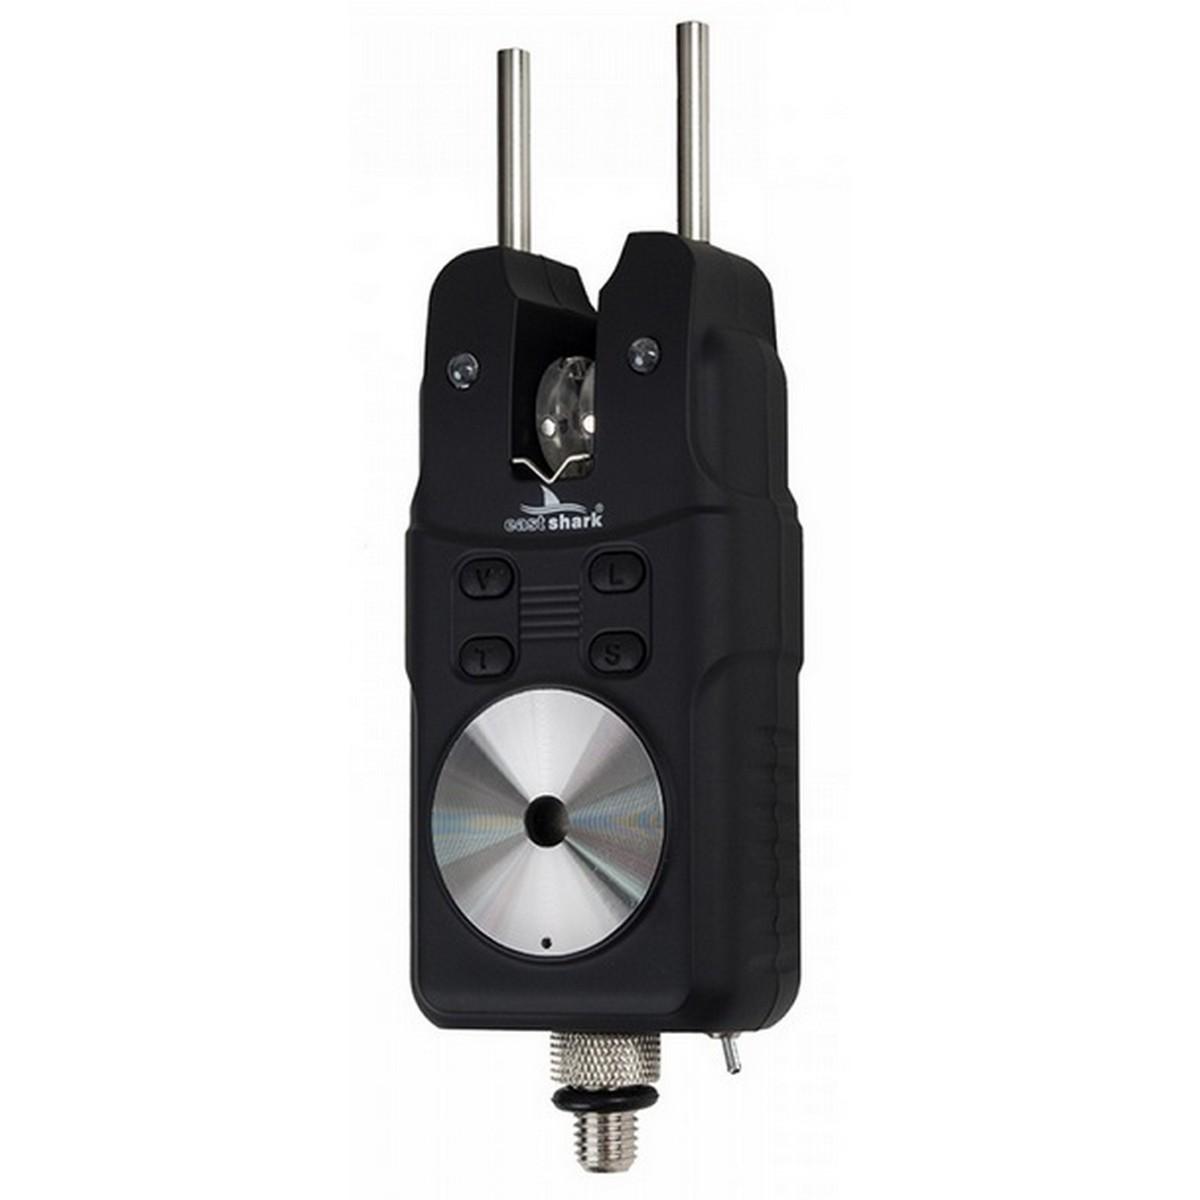 Шарански сигнализатор Eastshark SP-01